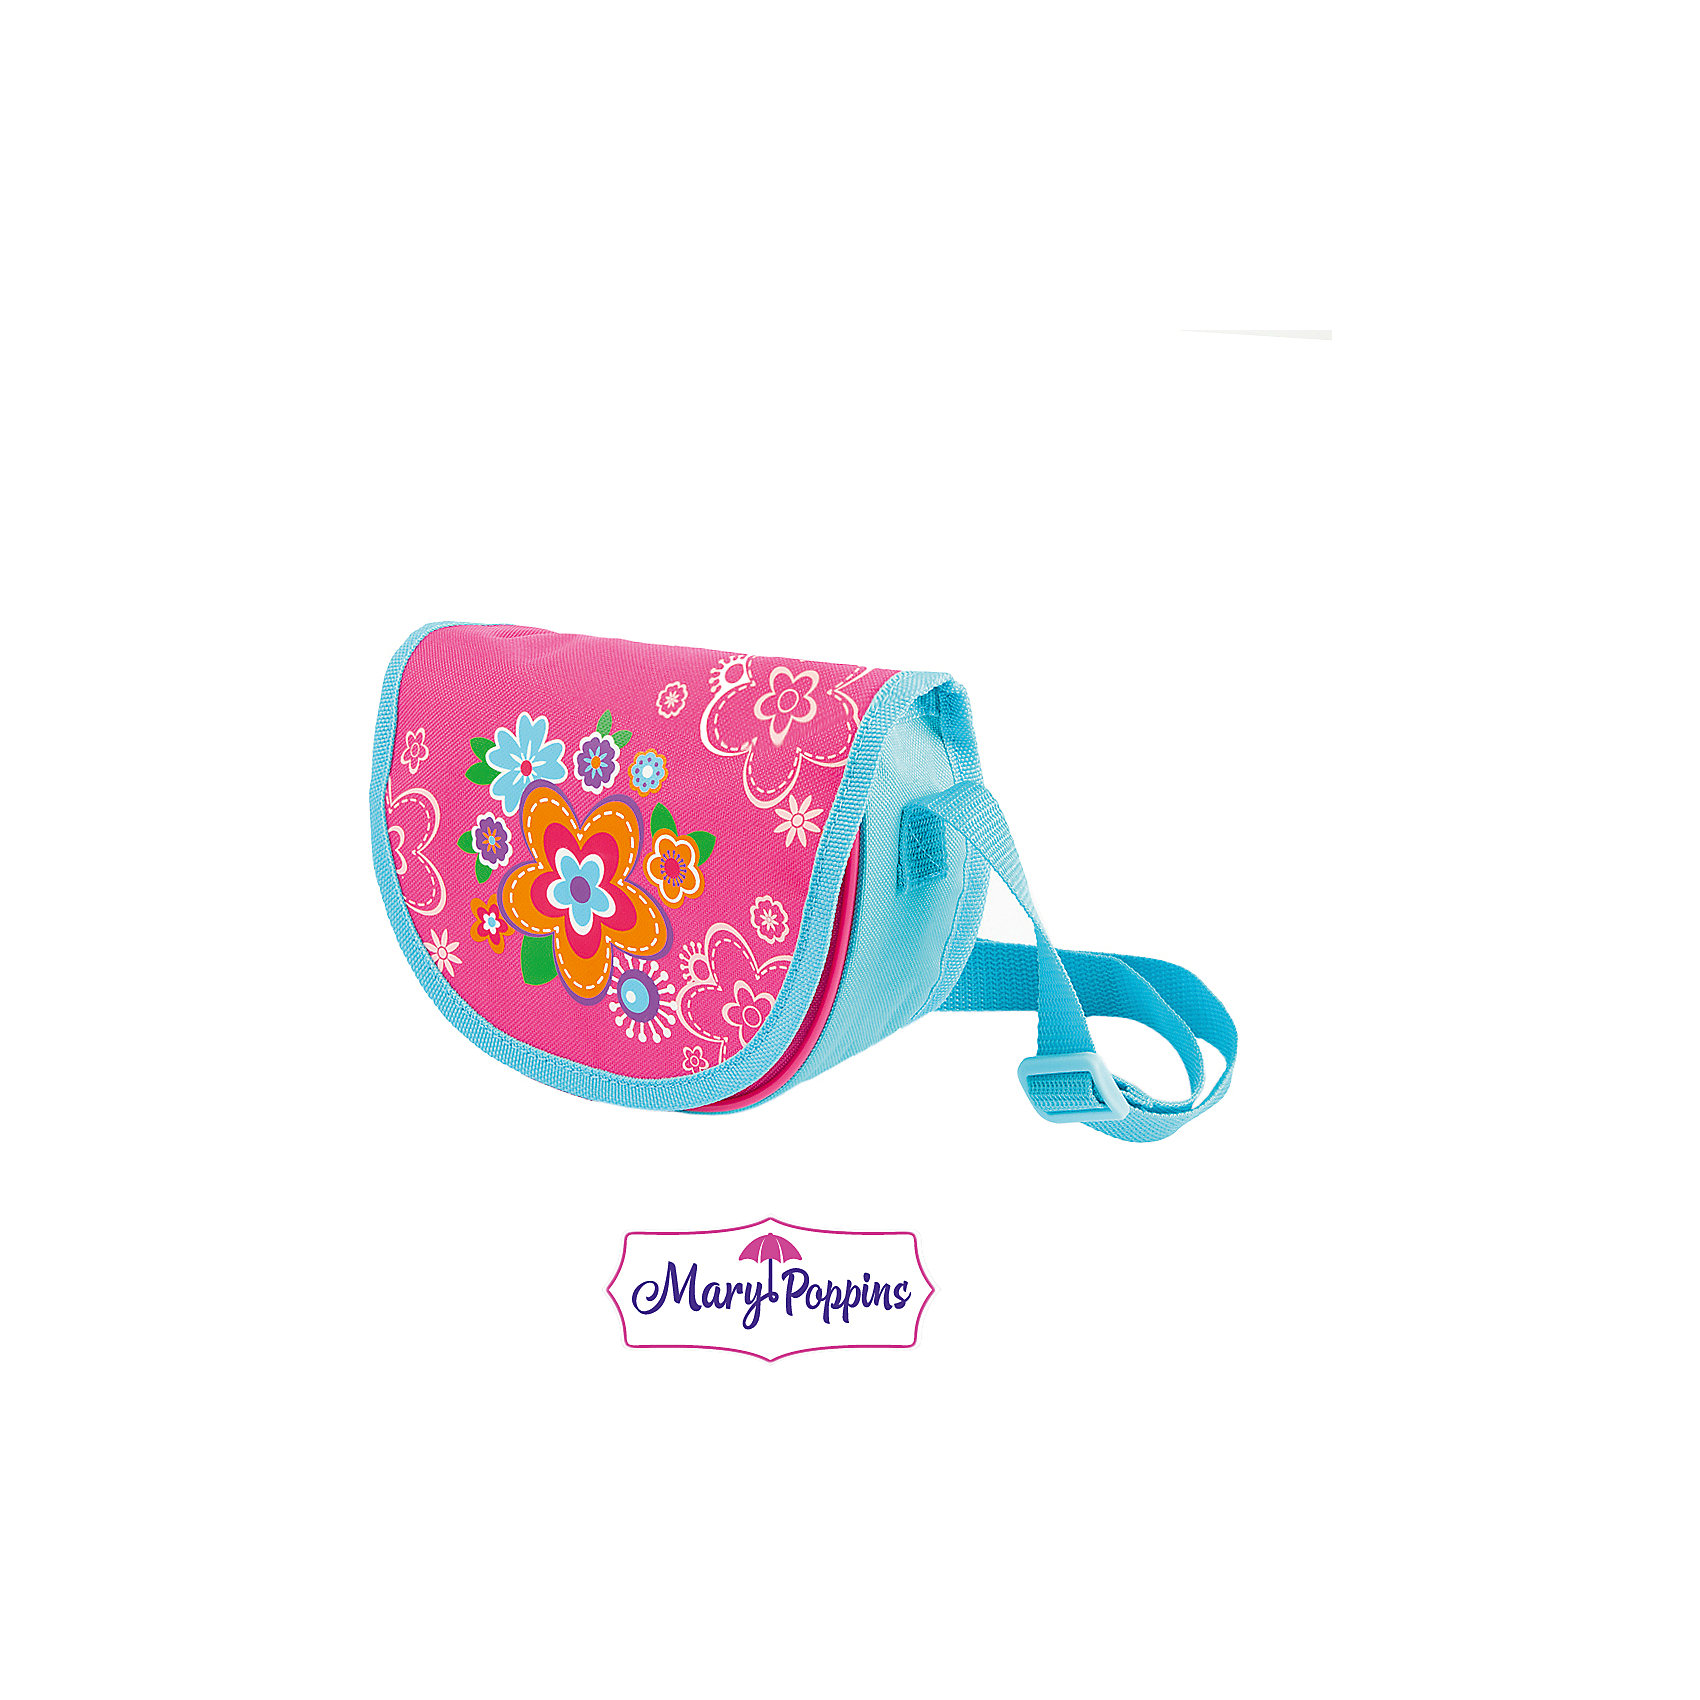 Сумочка Цветок 20*12*6 см.Детские сумки<br>Сумочка Цветок 20*12*6 см., Mary Poppins (Мэри Поппинс)<br><br>Характеристики:<br><br>• широкая длинная лямка<br>• стильный дизайн<br>• материал: текстиль, пластик<br>• размер: 20х12х6 см<br>• цвет: розовый<br>• размер упаковки: 22х18х10 см<br>• вес: 78 грамм<br><br>Сумочка Цветок от бренда Mary Poppins позволит девочке держать под рукой самые нужные и полезные предметы. Сумка имеет вместительное отделение и широкую длинная лямку. Девочка сможет удобно носить сумочку на плече. Яркий дизайн  в розовом и голубом тонах с изображением цветов всегда будут радовать глаз и поднимать настроение!<br><br>Сумочку Цветок 20*12*6 см., Mary Poppins (Мэри Поппинс) вы можете купить в нашем интернет-магазине.<br><br>Ширина мм: 220<br>Глубина мм: 180<br>Высота мм: 100<br>Вес г: 78<br>Возраст от месяцев: 36<br>Возраст до месяцев: 2147483647<br>Пол: Женский<br>Возраст: Детский<br>SKU: 5508575